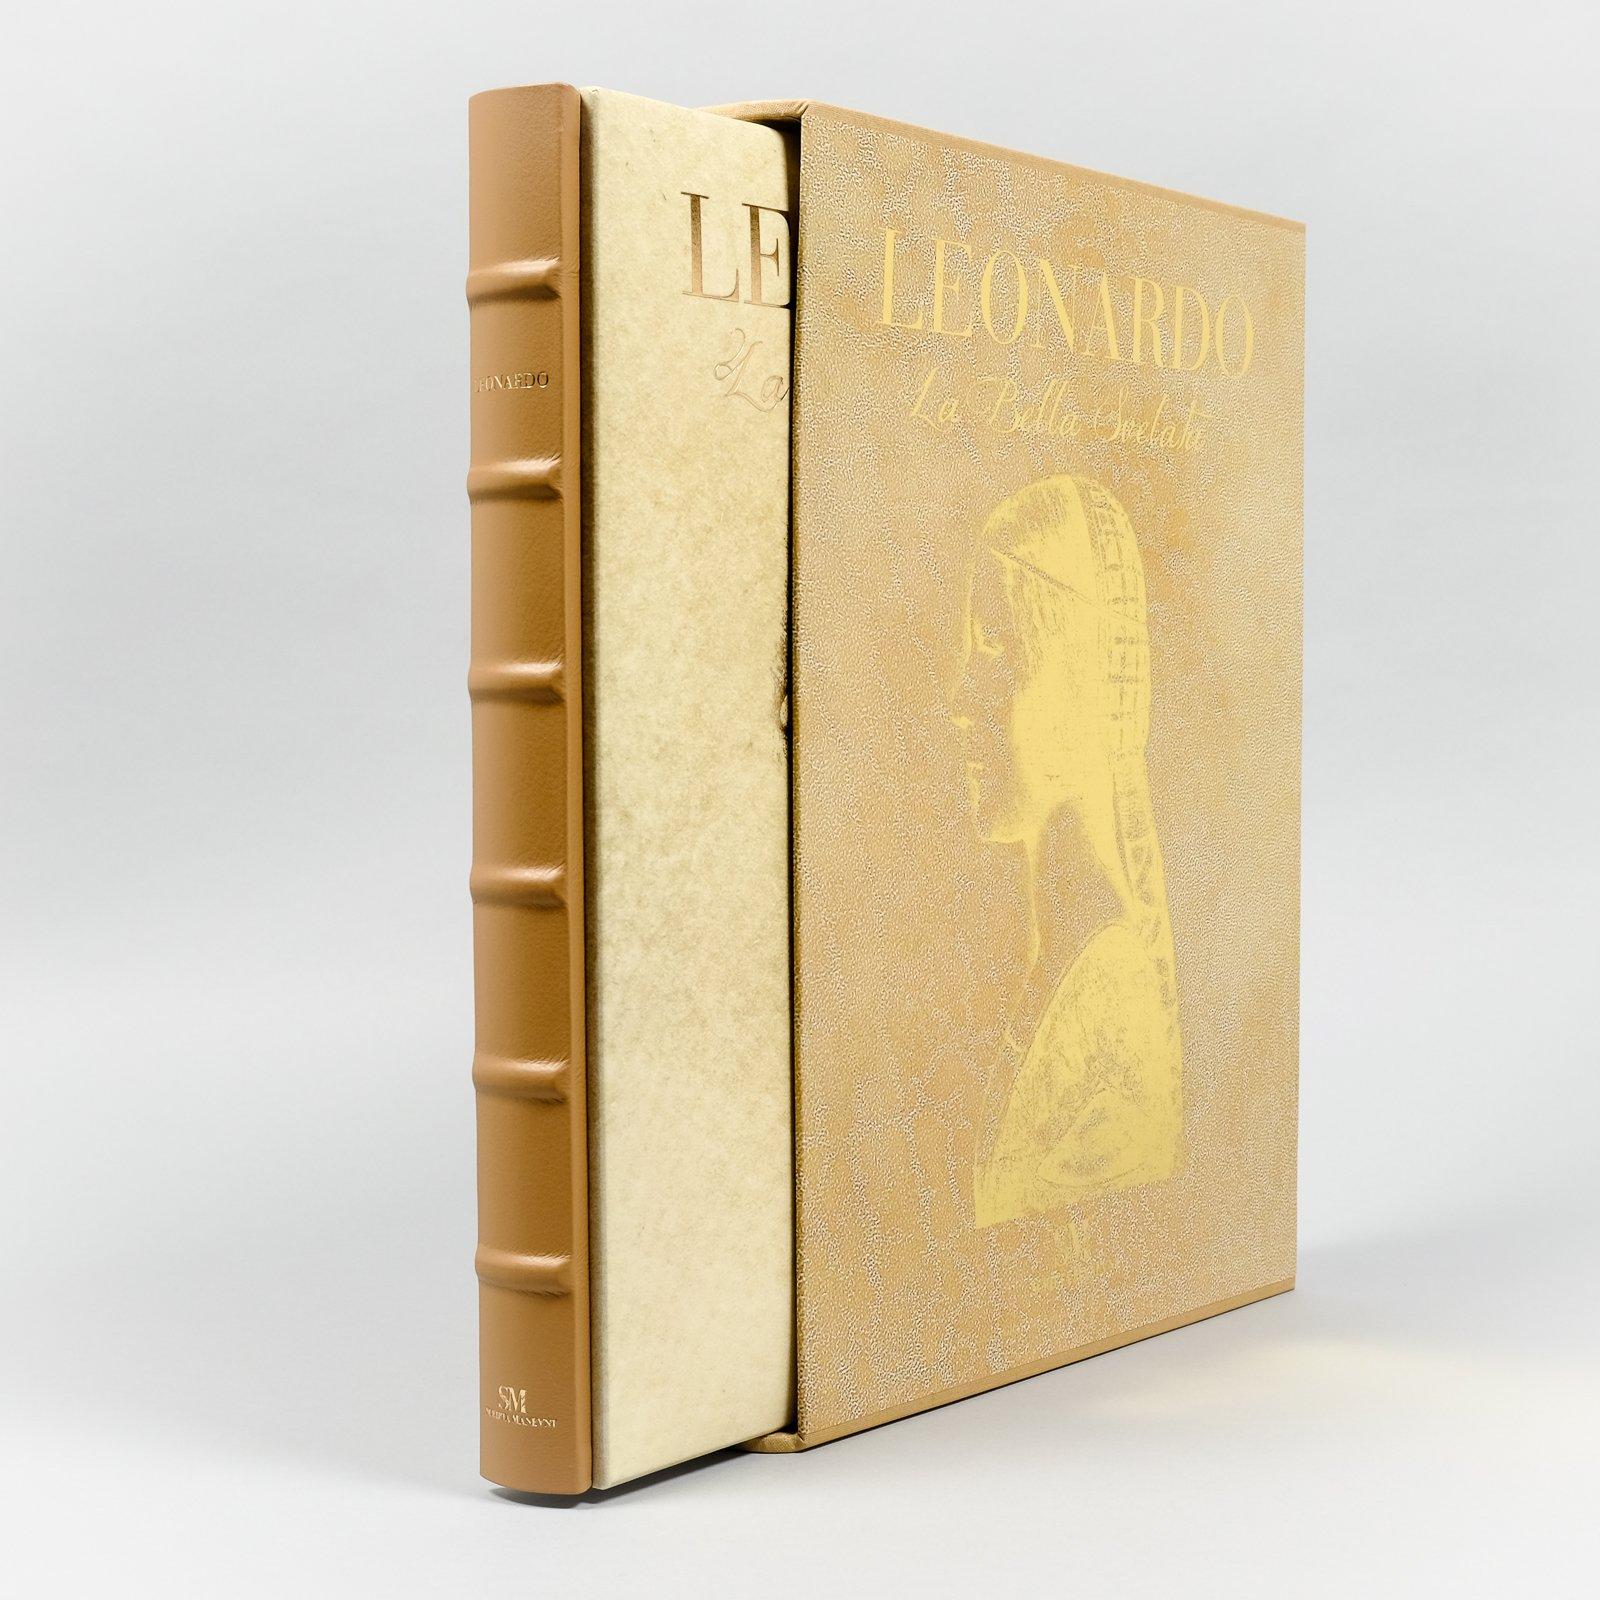 Leonardo la bella svelata – Scripta Maneant